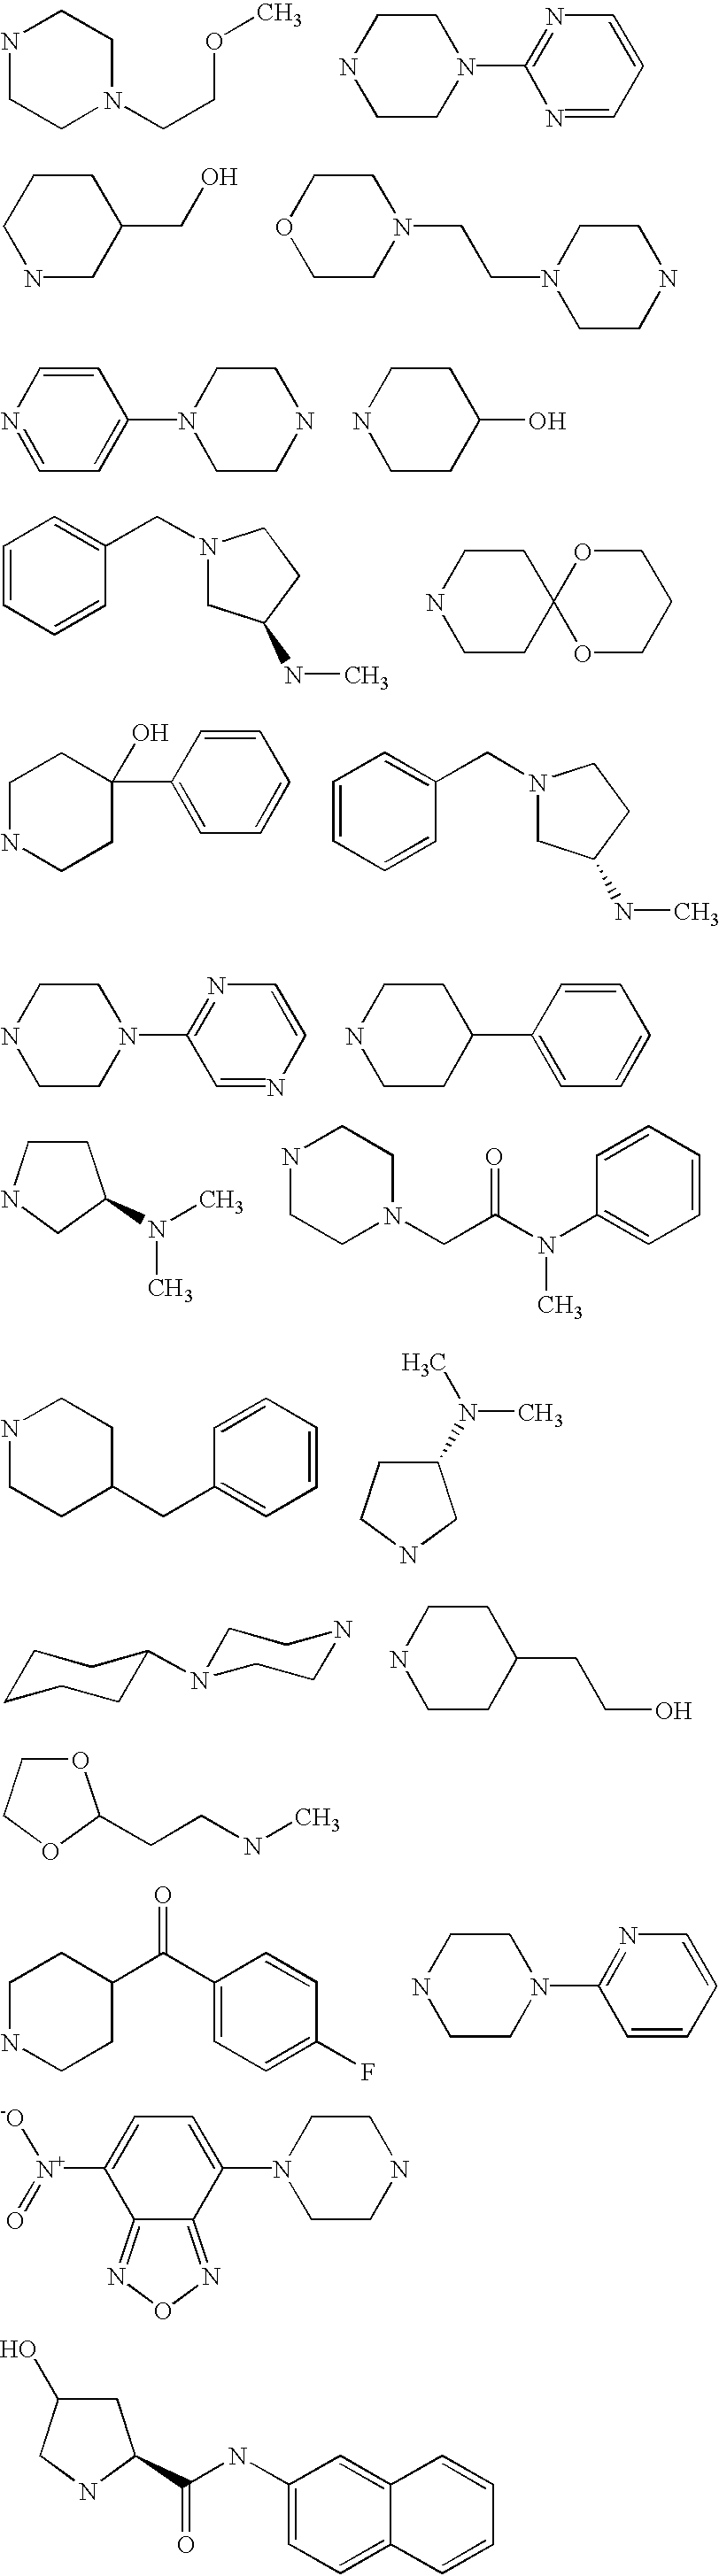 Figure US06693202-20040217-C00066